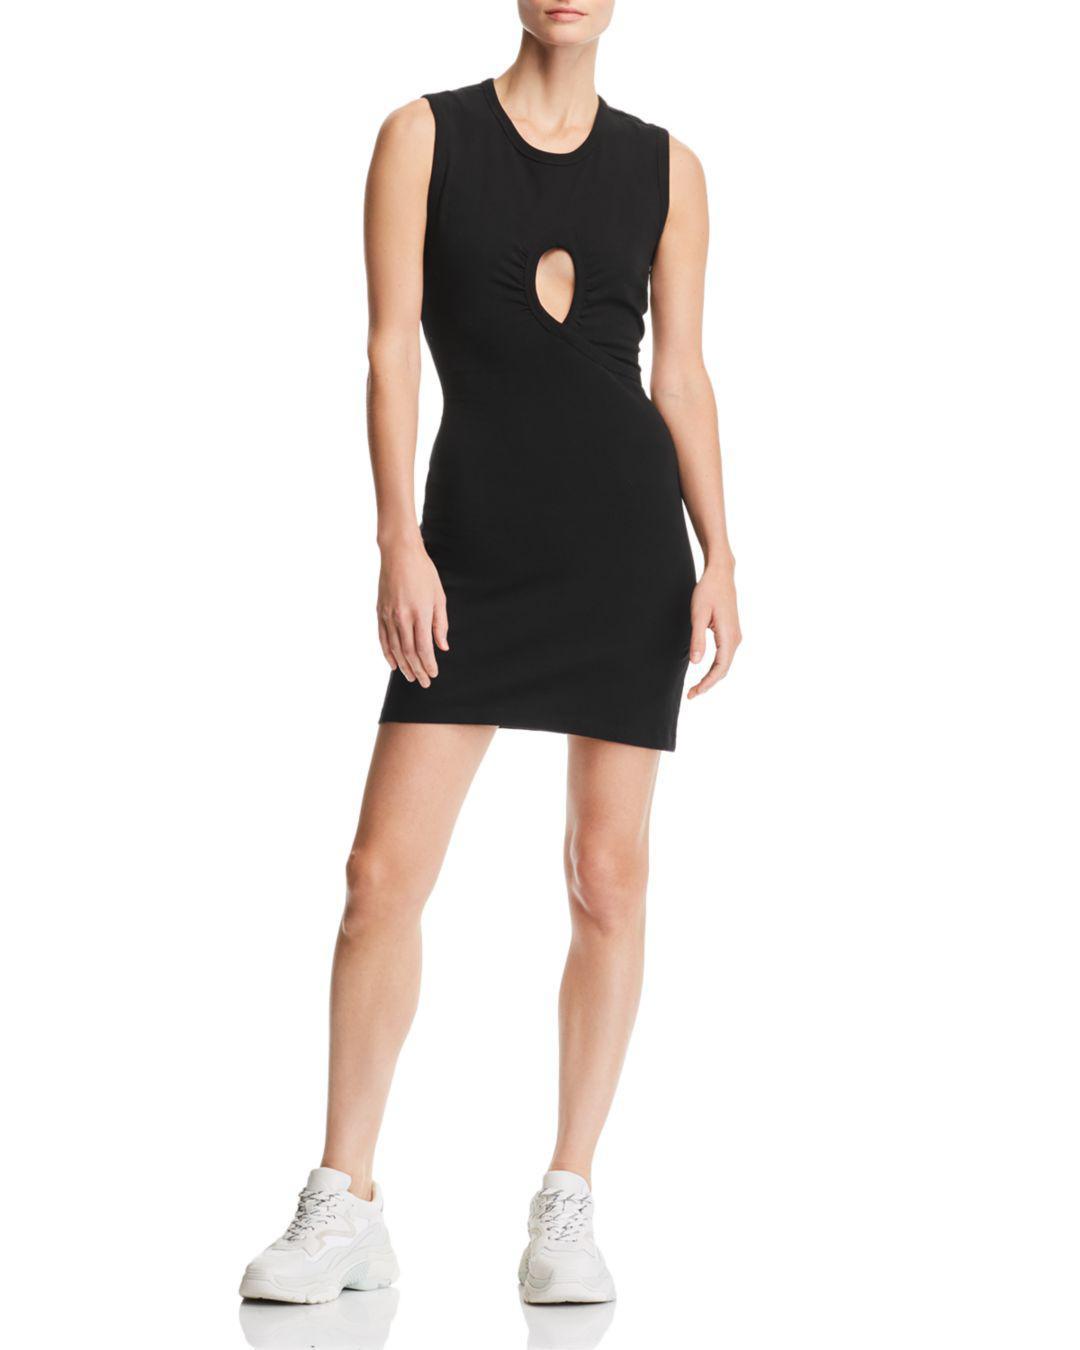 T Wang Twist Alexander High In Dress Black Jersey Lyst By rfE1wSqr